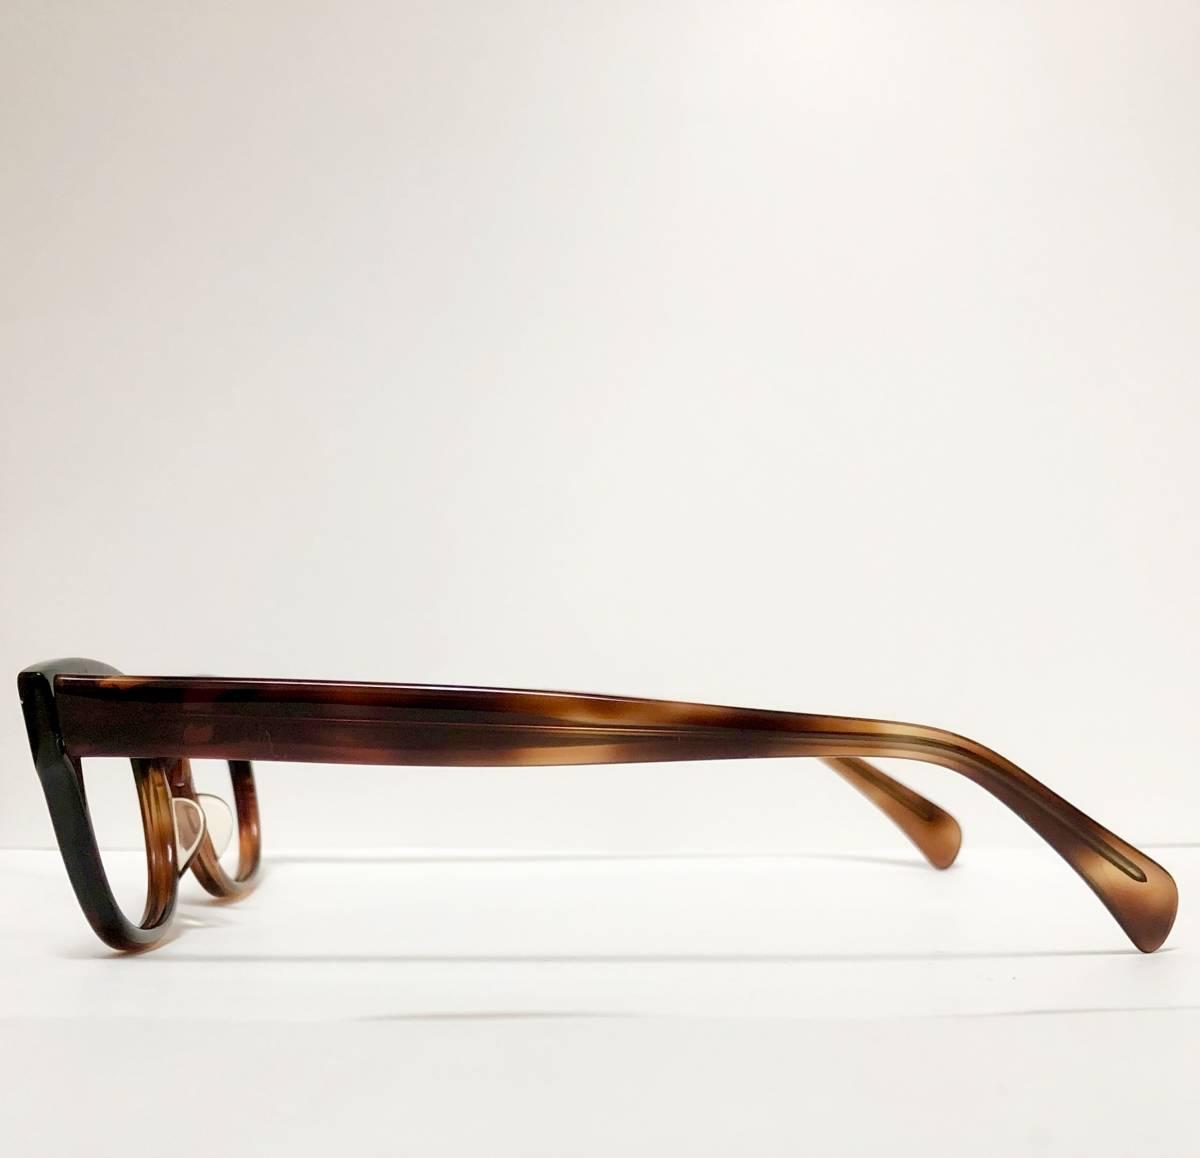 新品・1960年代頃】アメリカンオプティカル AO All純正 メガネ American Optical アンバー 米国製 ビンテージ ヴィンテージ _画像5